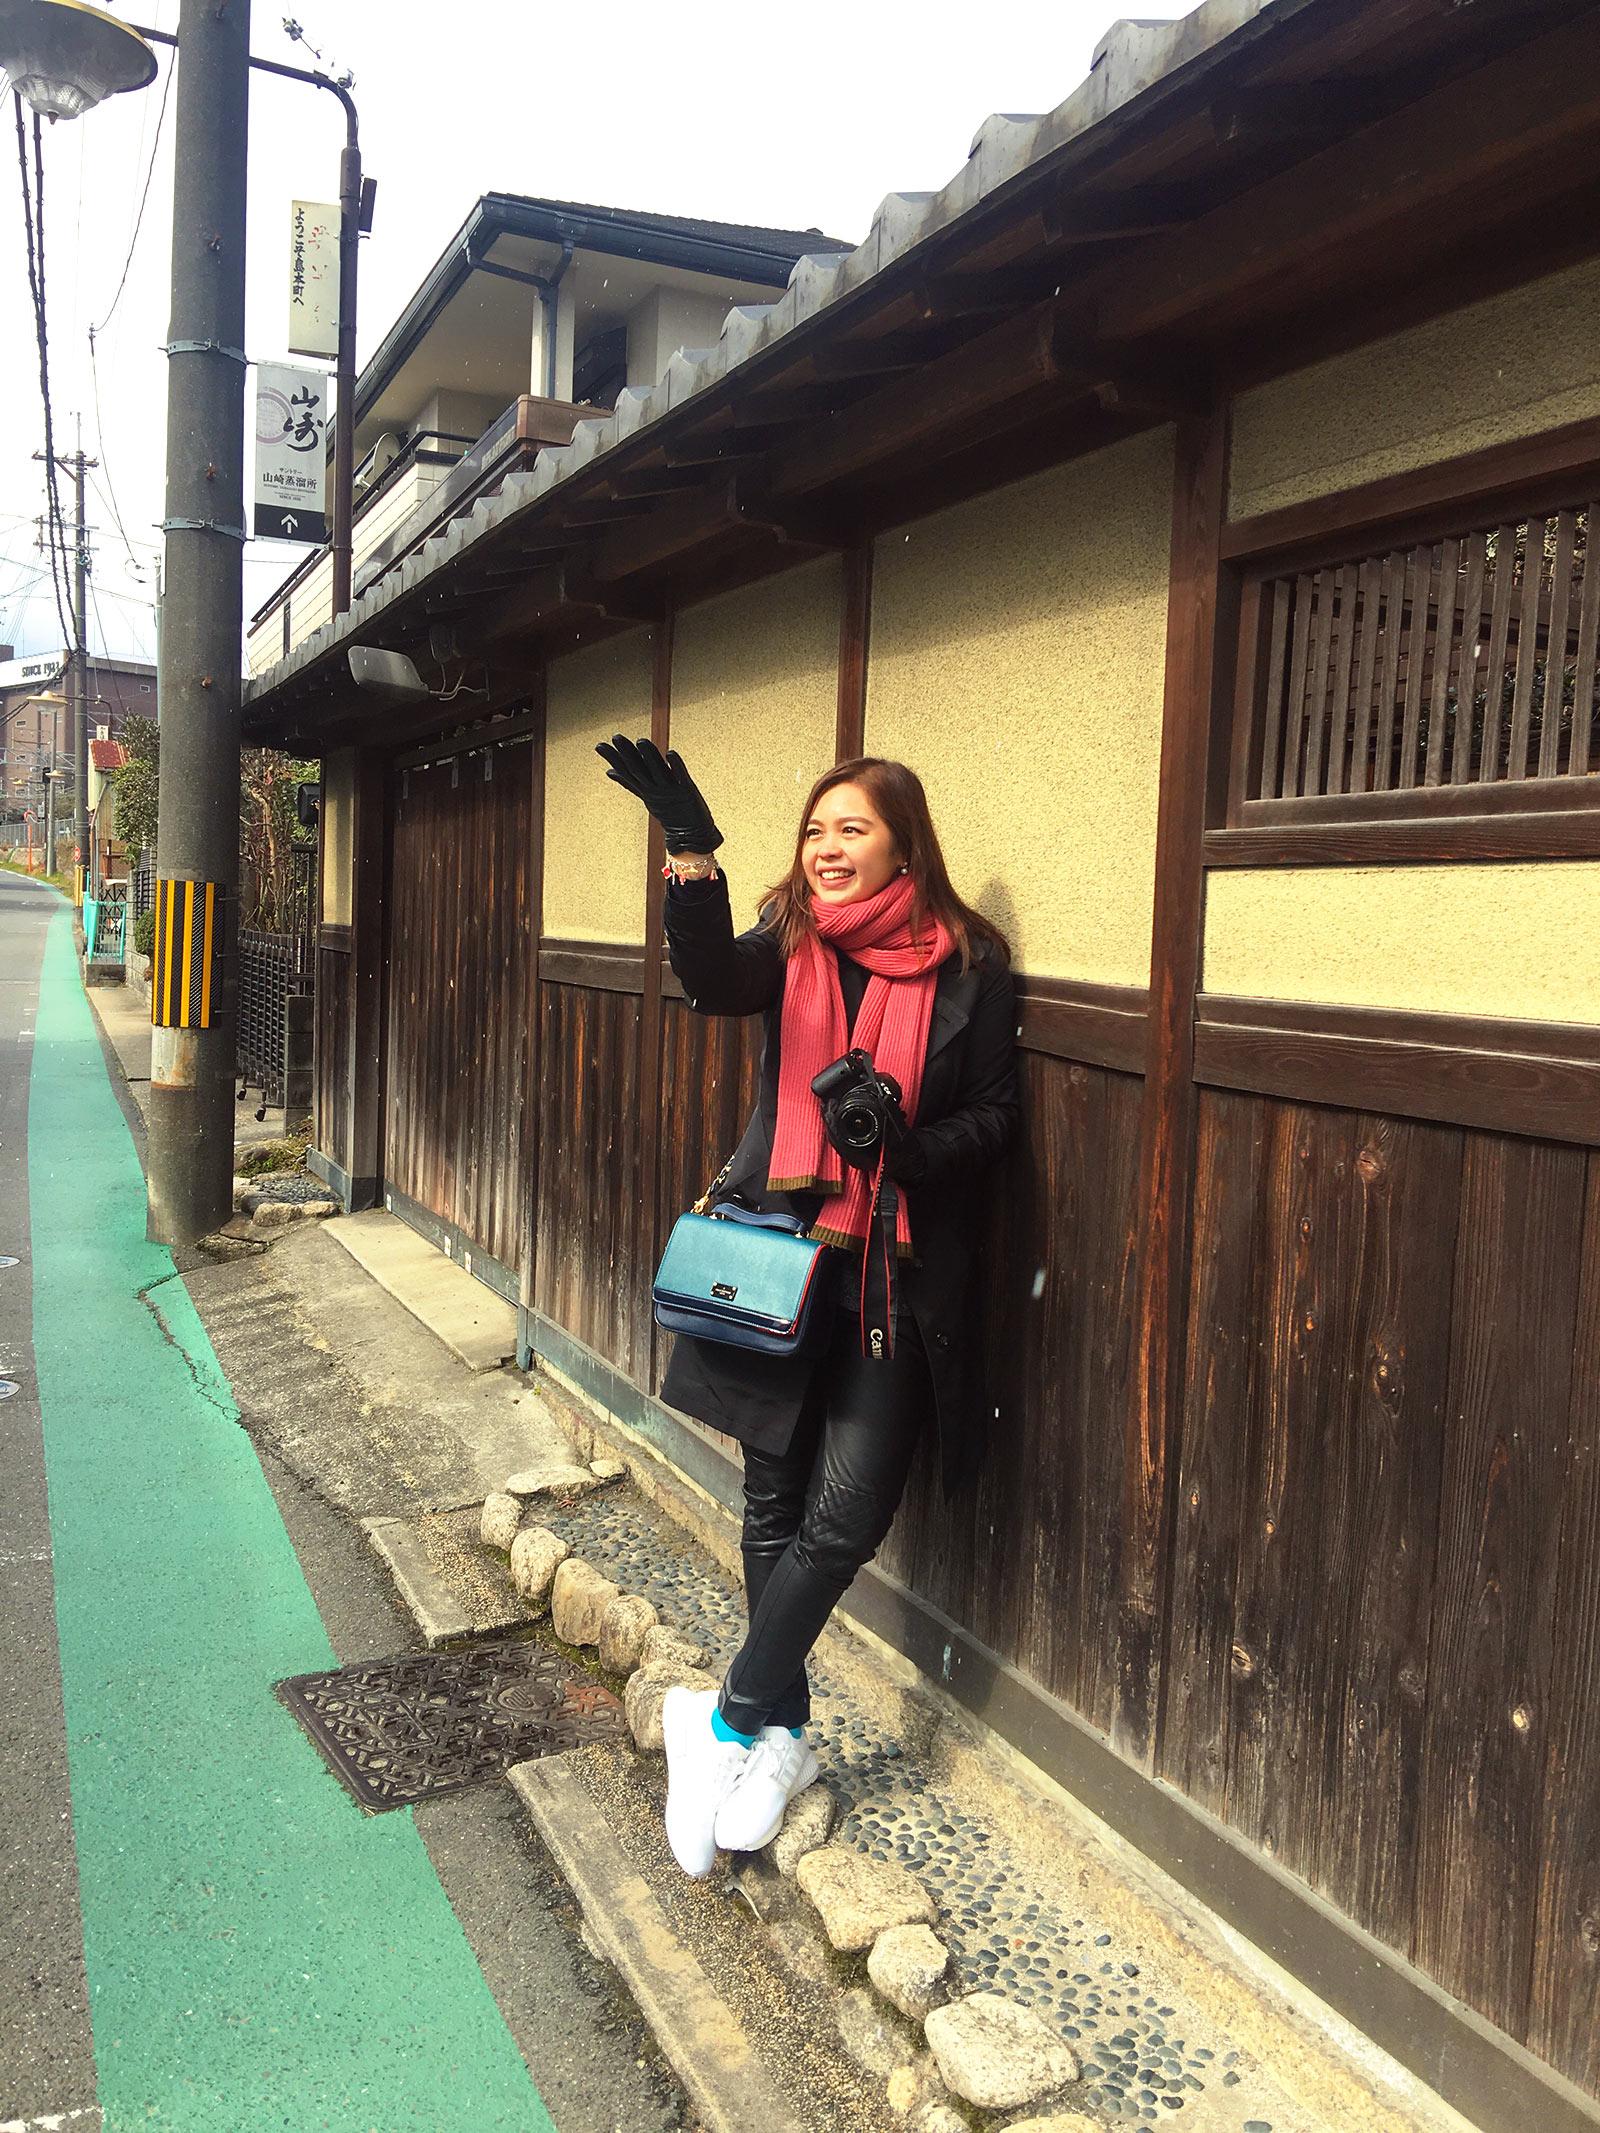 Yamazaki, Japan - PearlMargaret.com